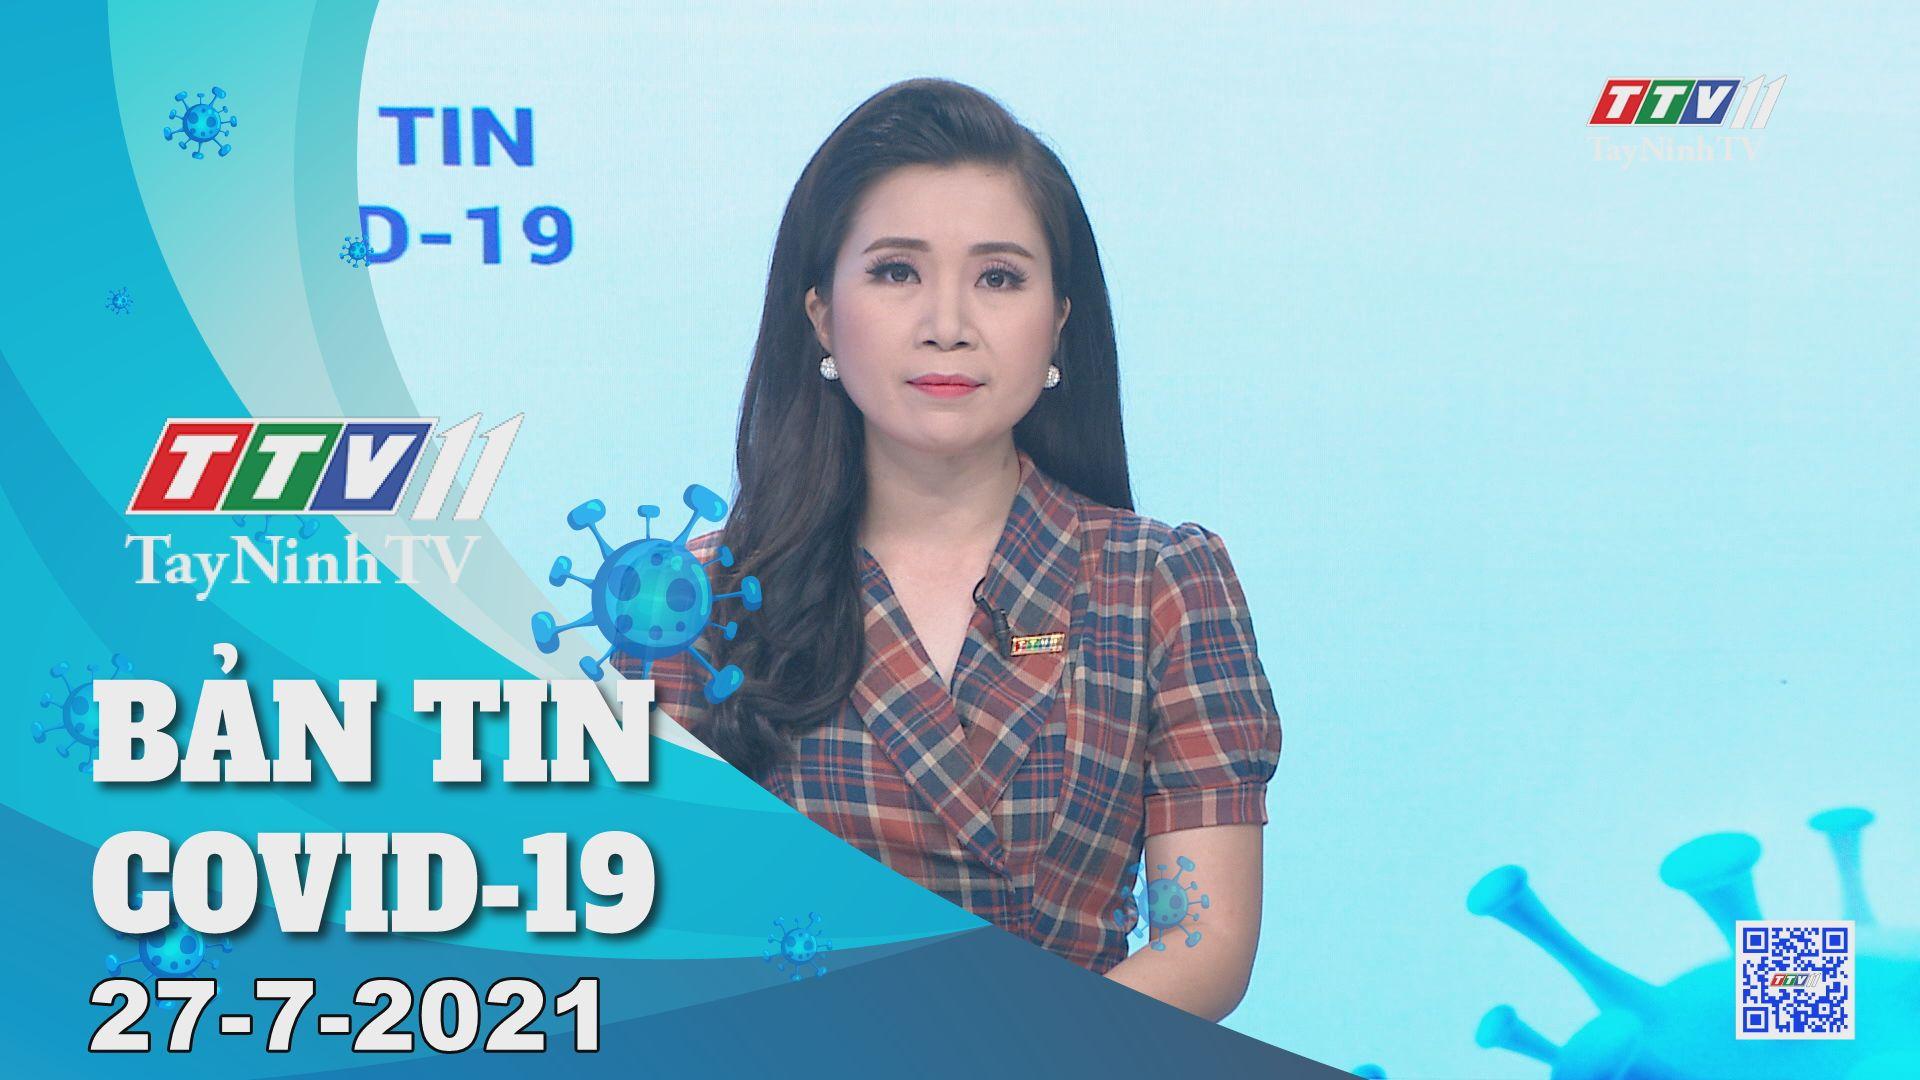 Bản tin Covid-19 | Tin tức hôm nay 27-7-2021 | TâyNinhTV